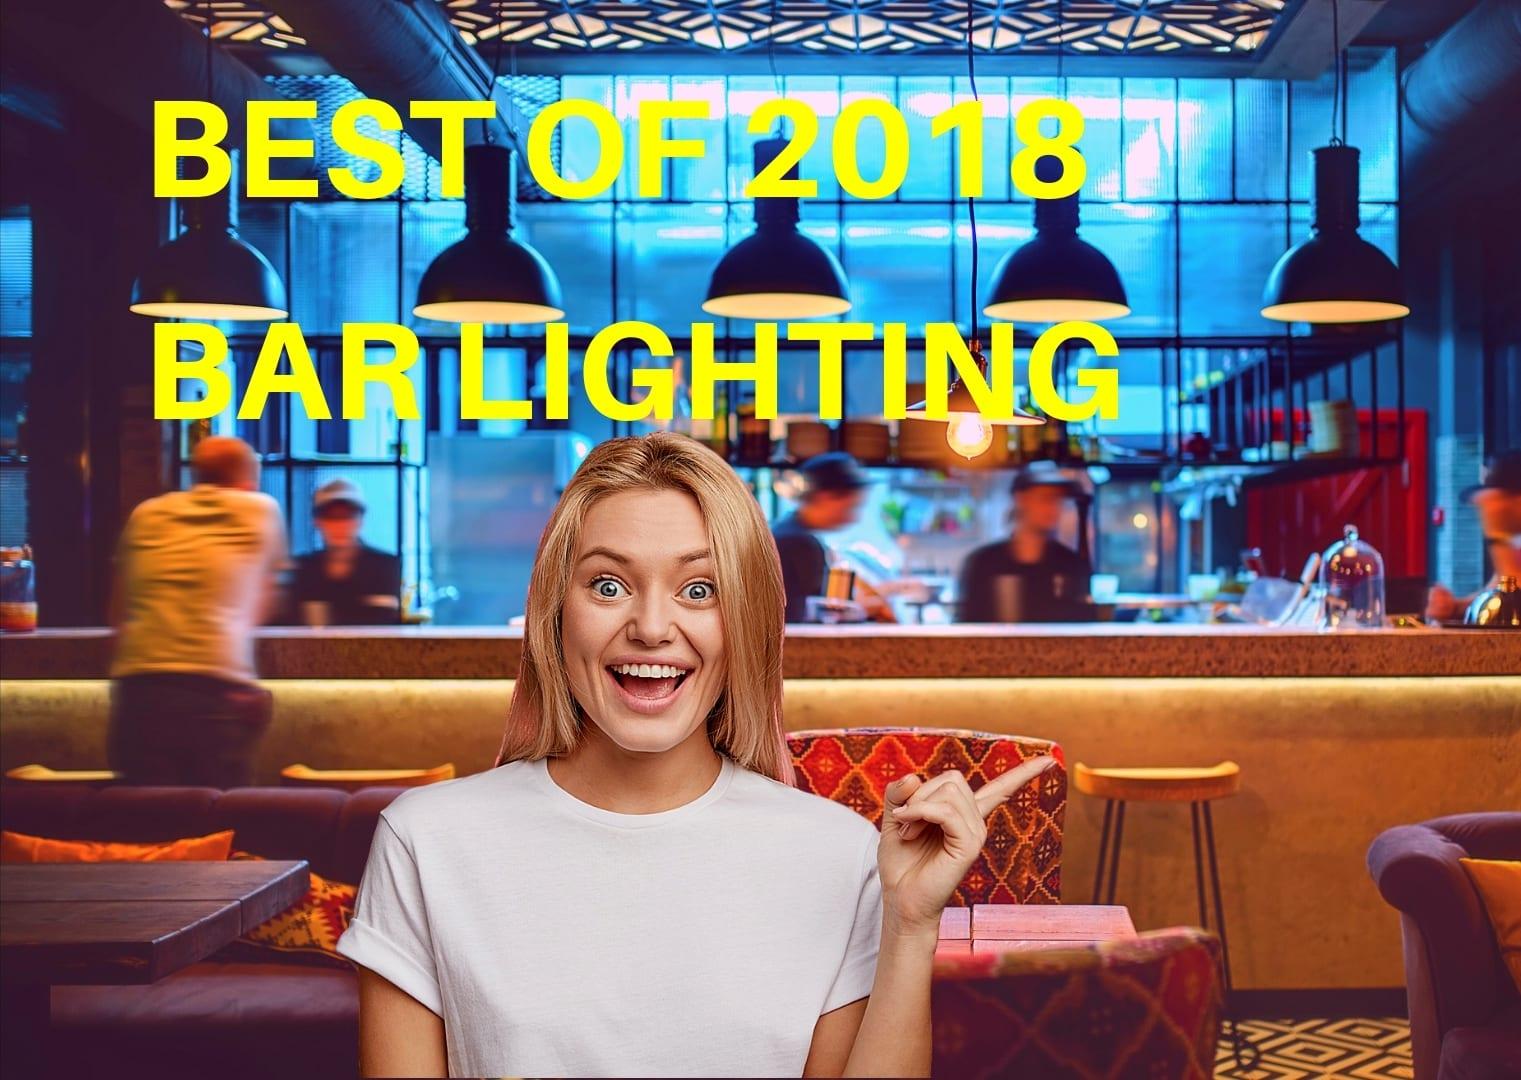 BEST-BAR-LIGHTING-FOR-2018-TN